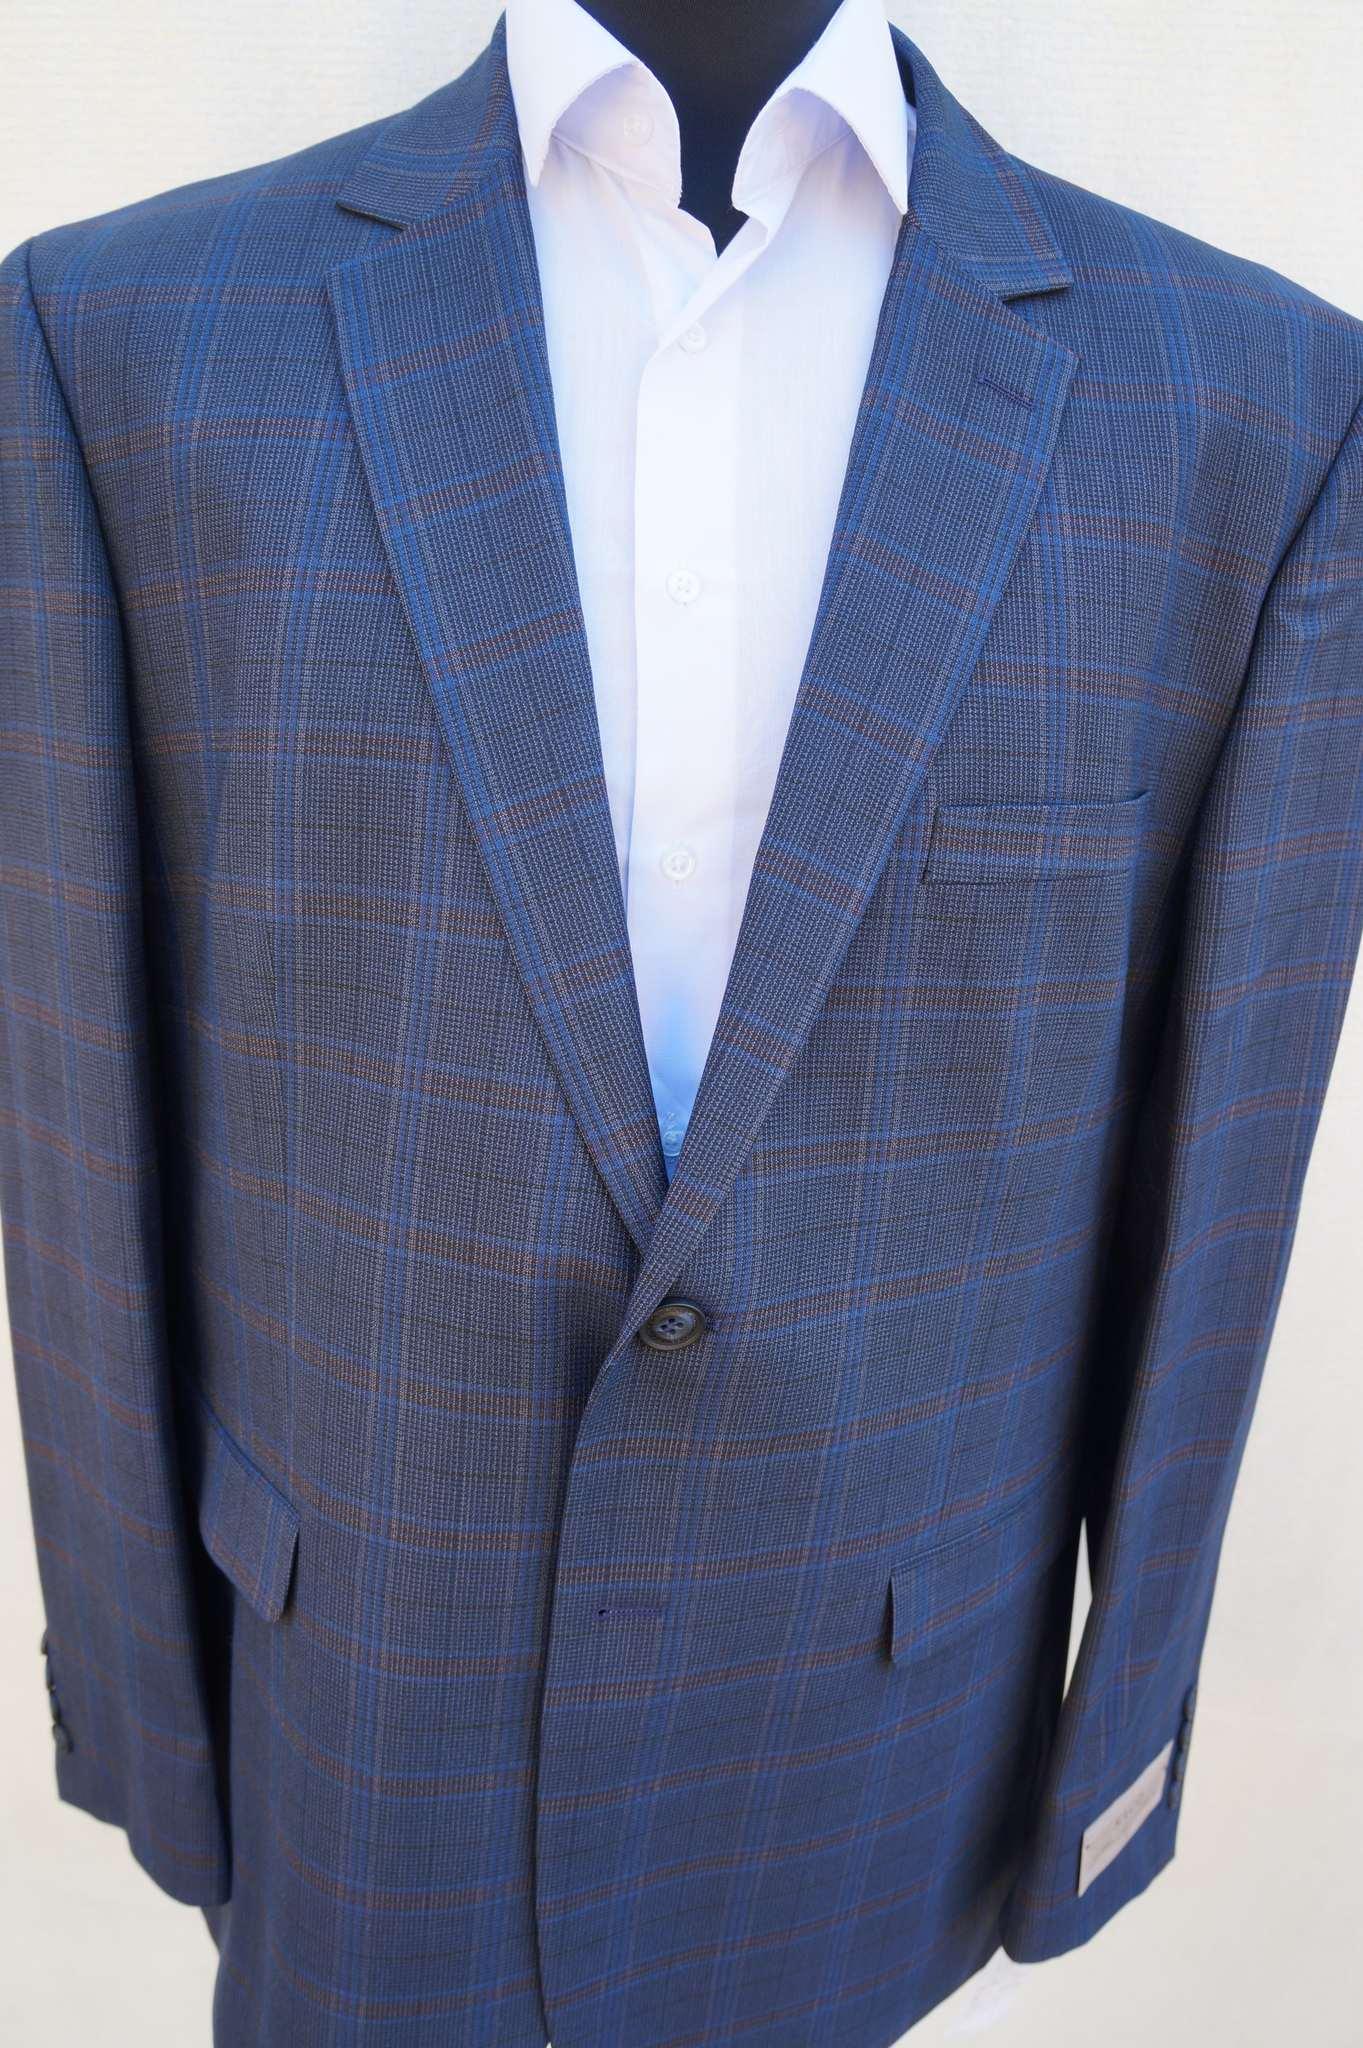 Пиджаки великаны SACO / Пиджак великан DSC00805-min.JPG